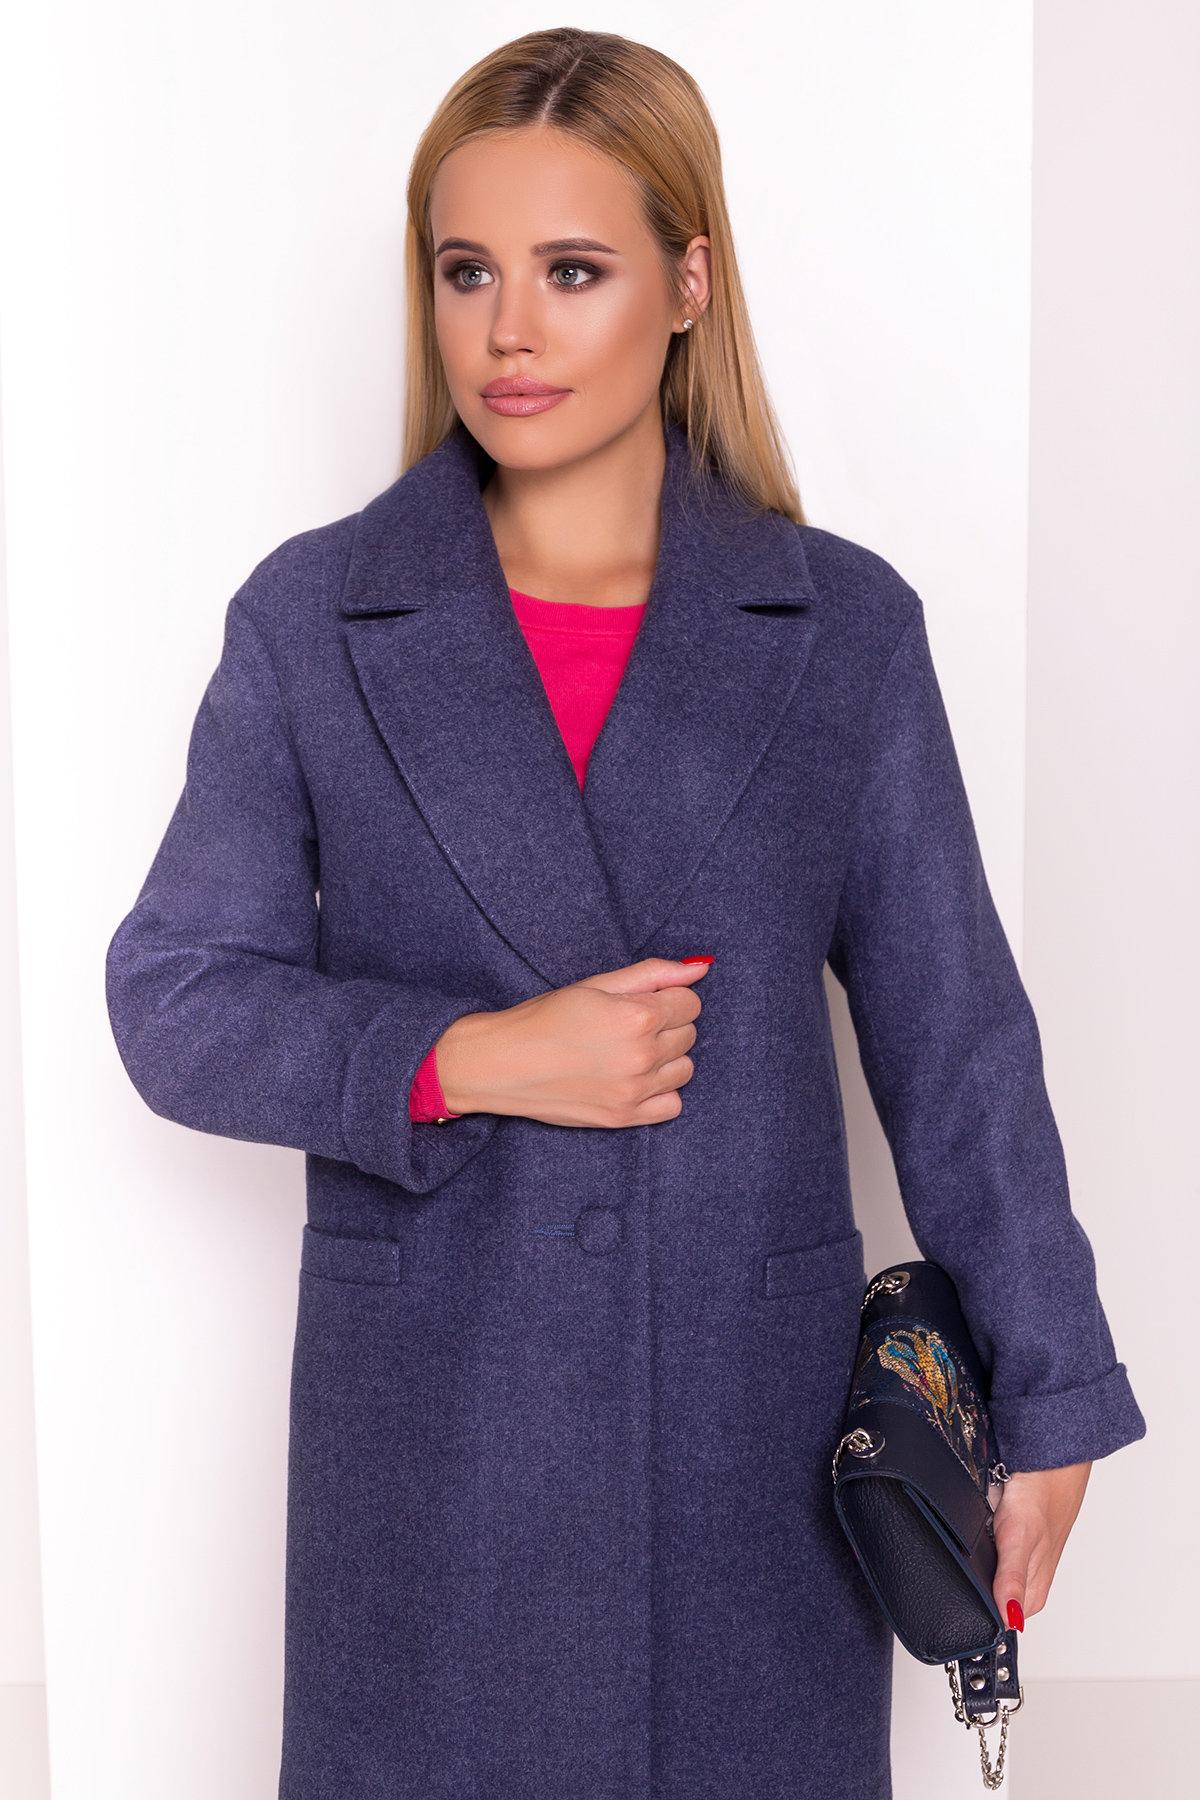 Демисезонное пальто Вива 4558 АРТ. 37263 Цвет: Джинс - фото 3, интернет магазин tm-modus.ru